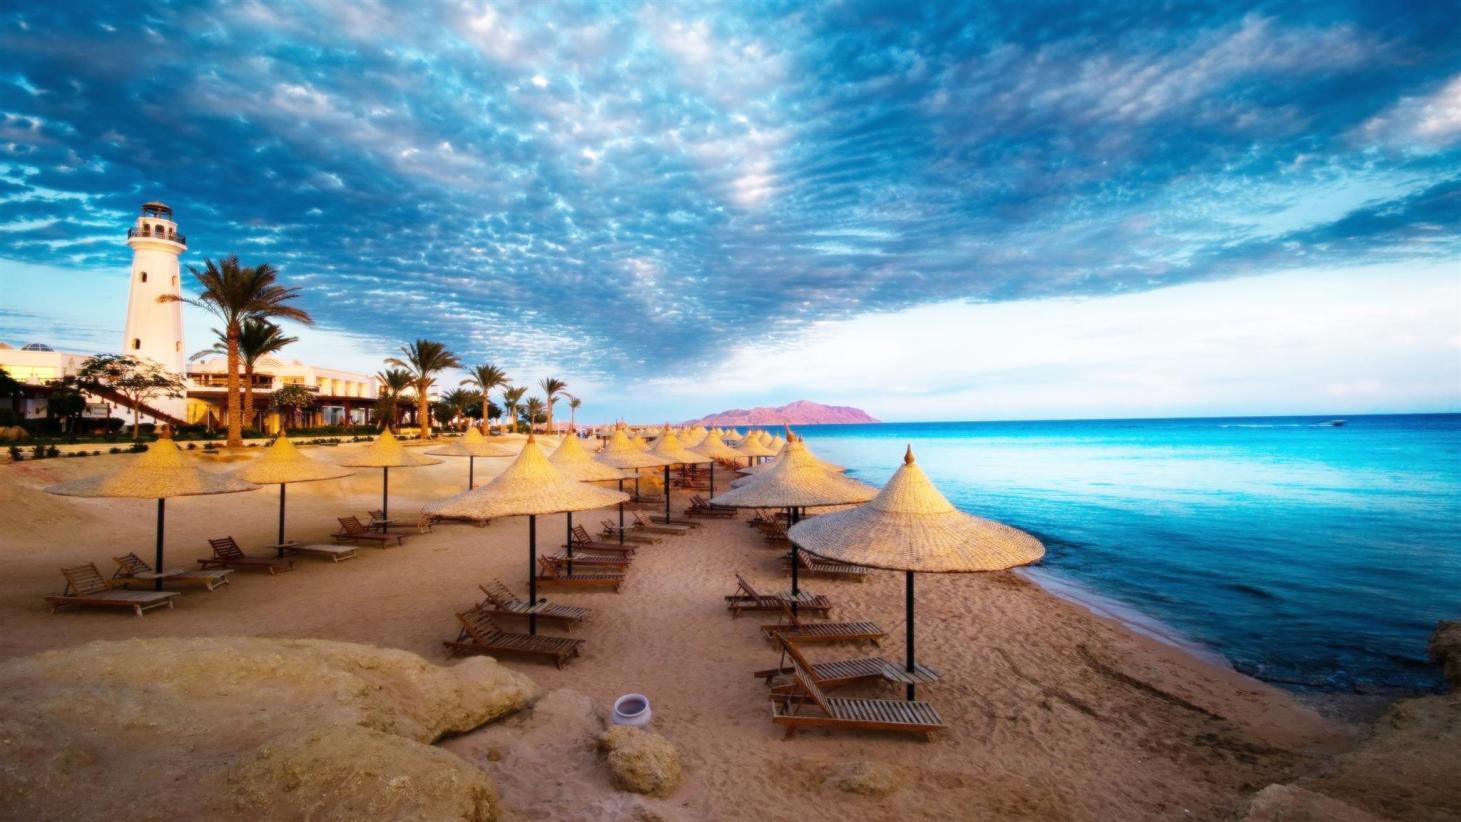 أفضل 30 فندق من فنادق شرم الشيخ الإلغاء المجاني قوائم أسعار 2021 ومراجعات لأفضل الفنادق في شرم الشيخ مصر